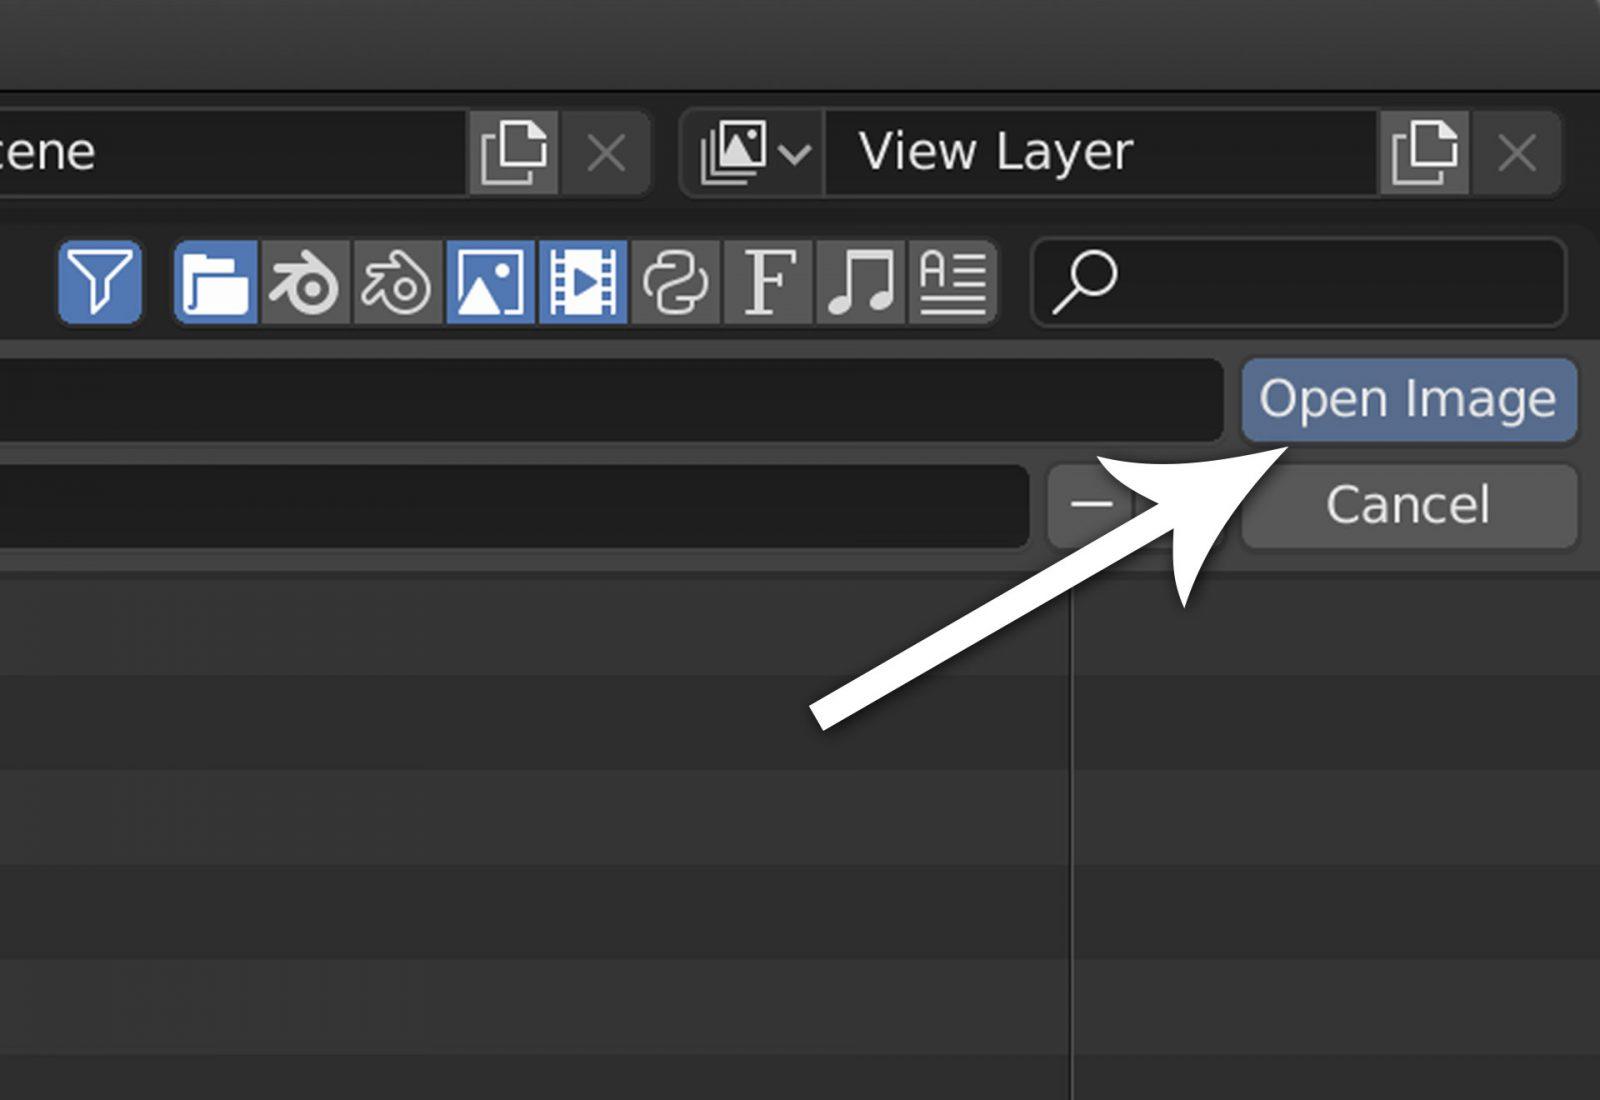 Render a Background Image Using Blender 2.8 - step 6 click open image